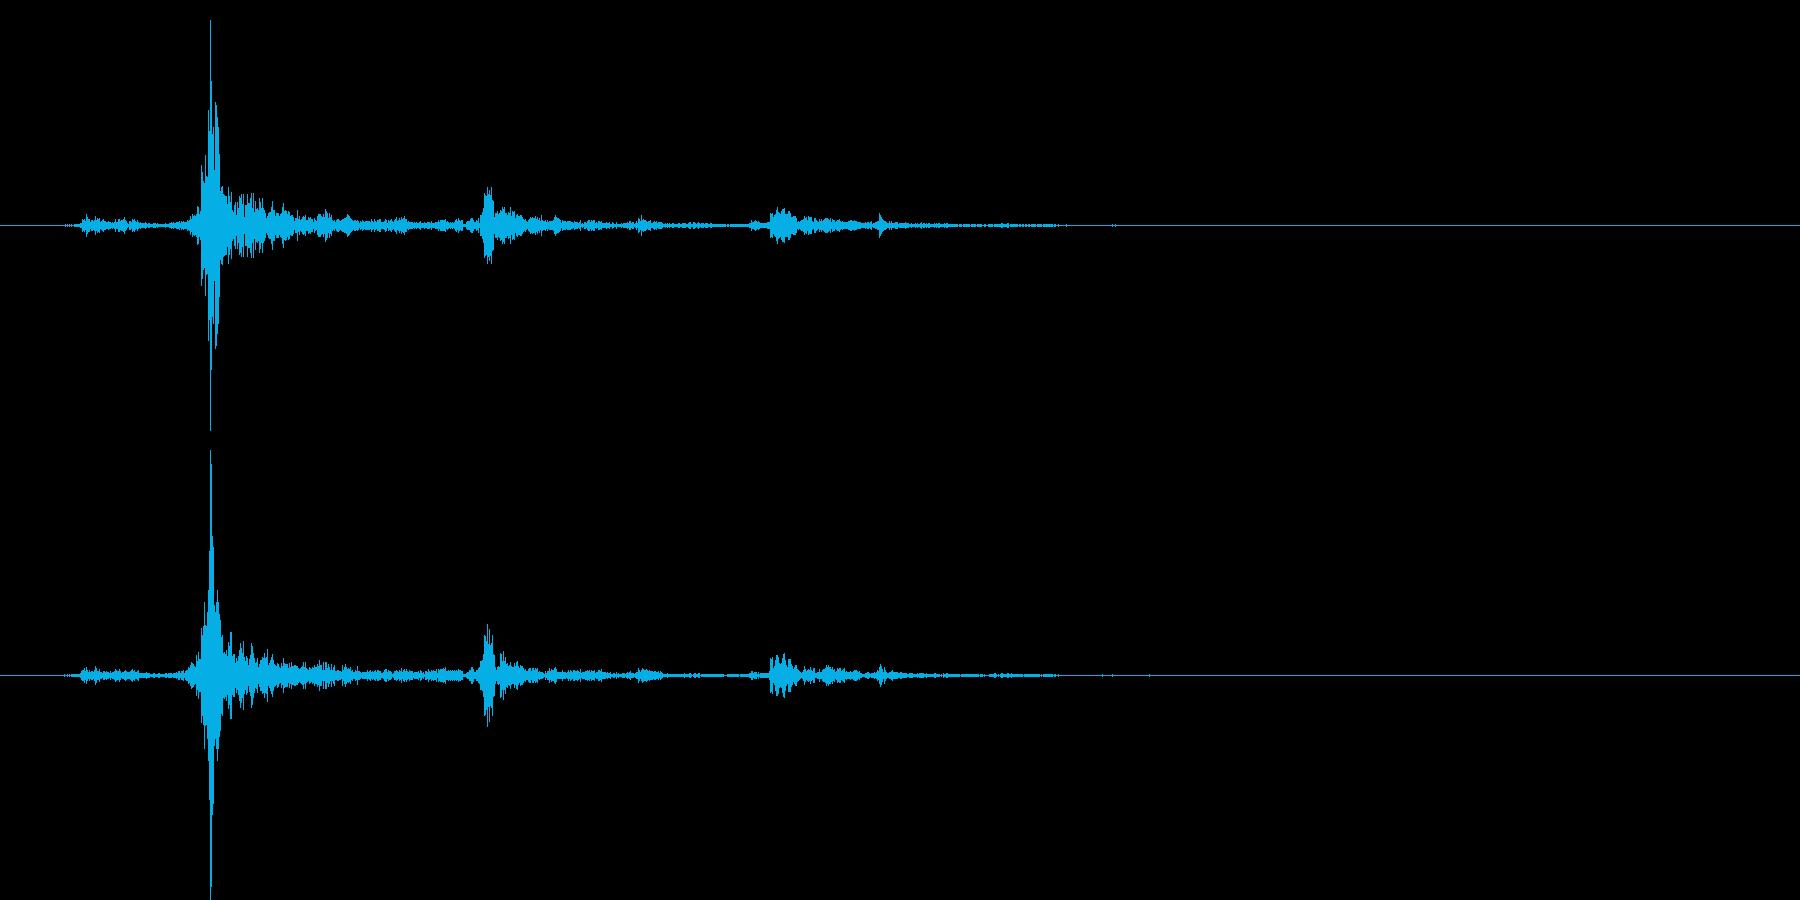 水面に何かを投げて落とした音チャポン2の再生済みの波形